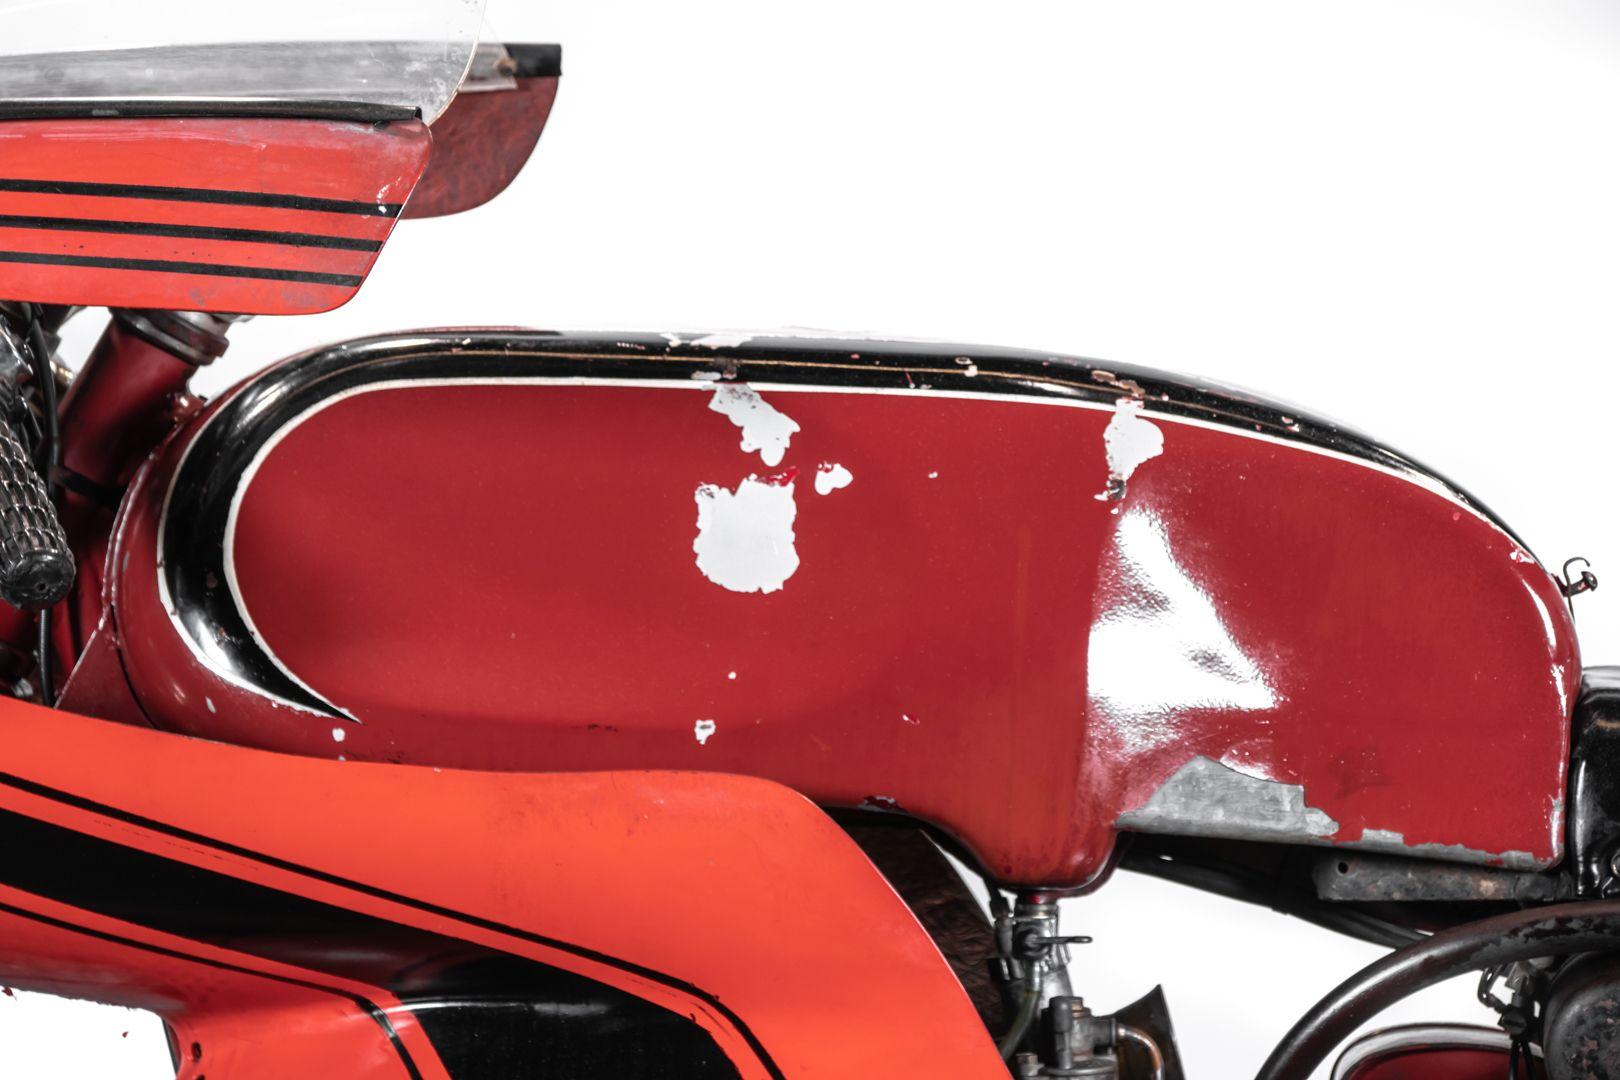 1957 Moto Morini Settebello 175 77590